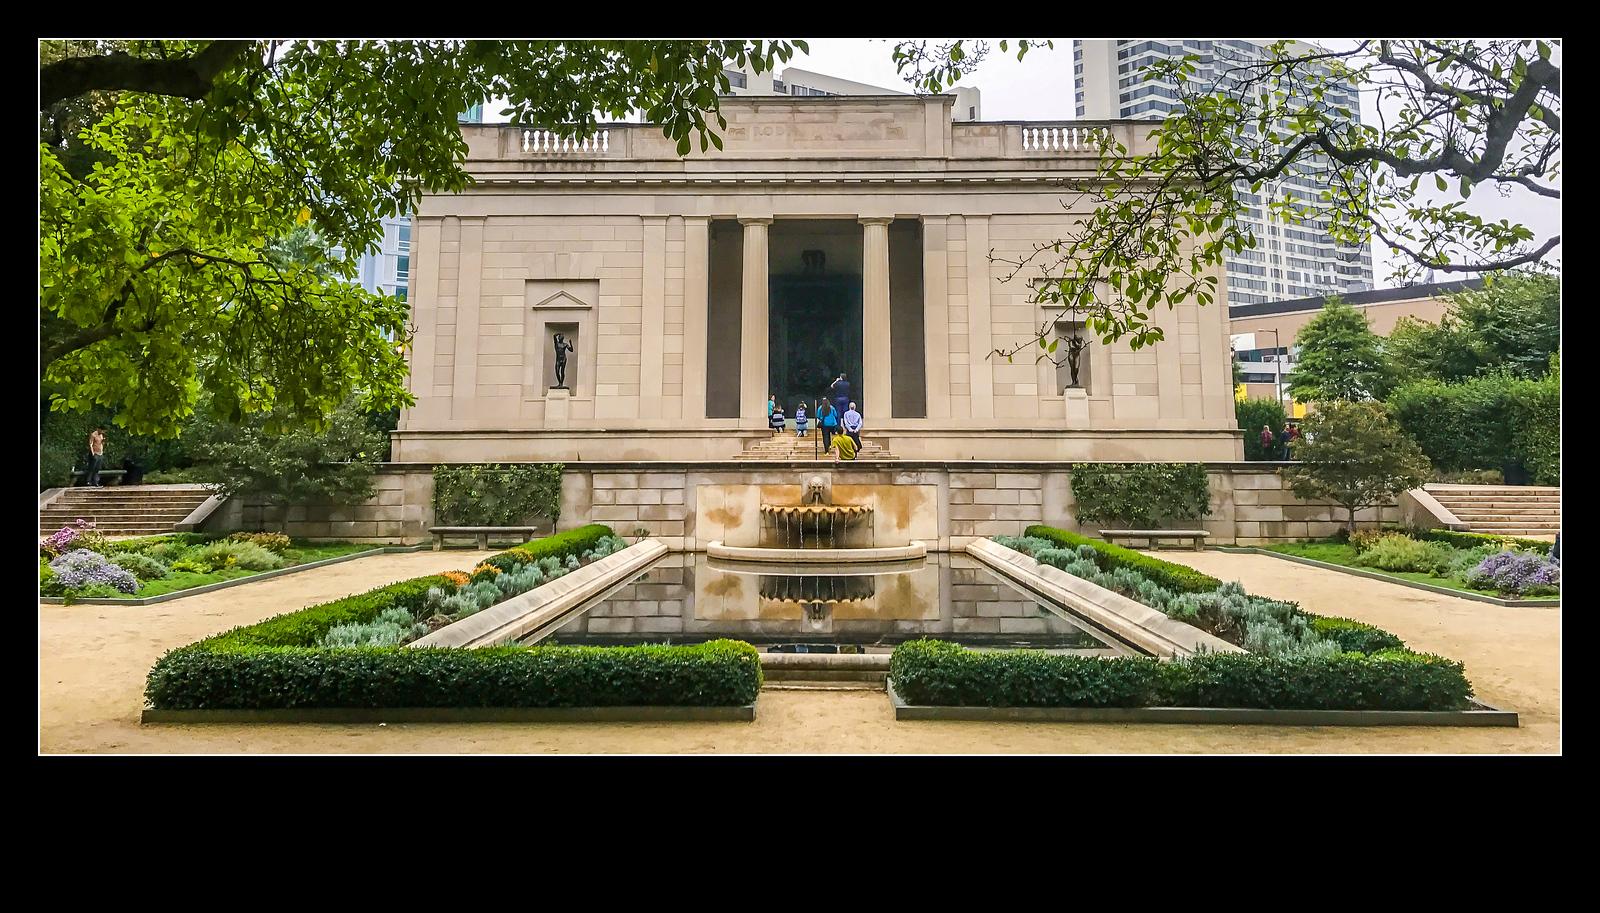 费城罗丹博物馆,值得一看(手机摄影)